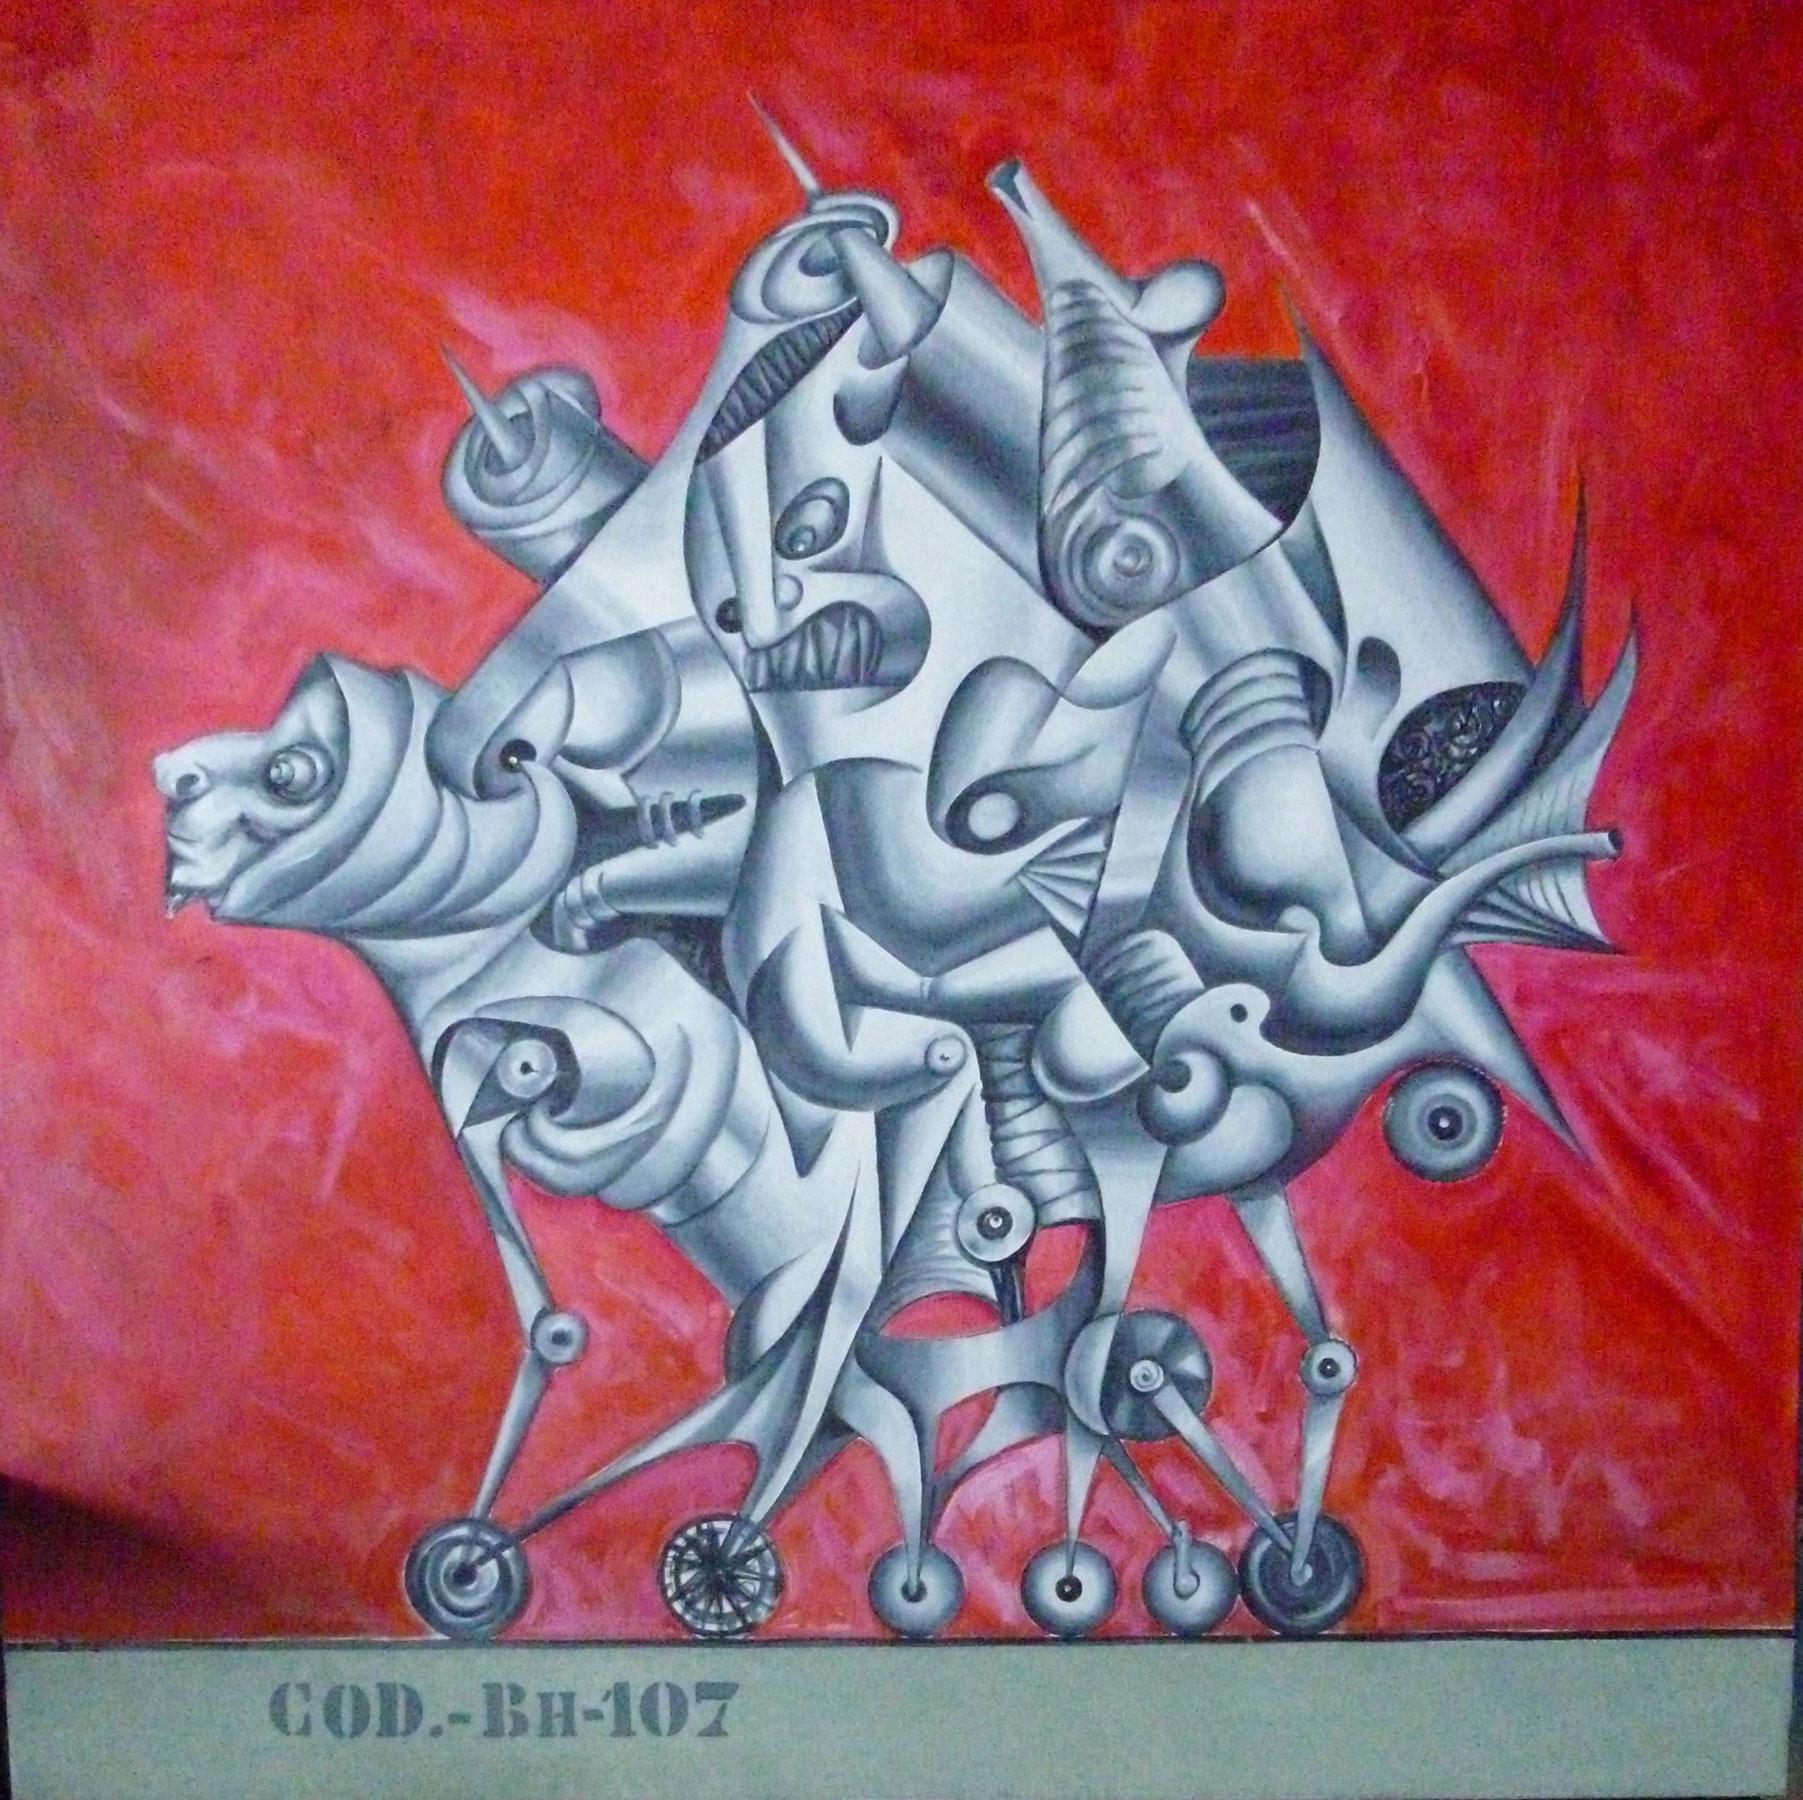 COD.-BH-107